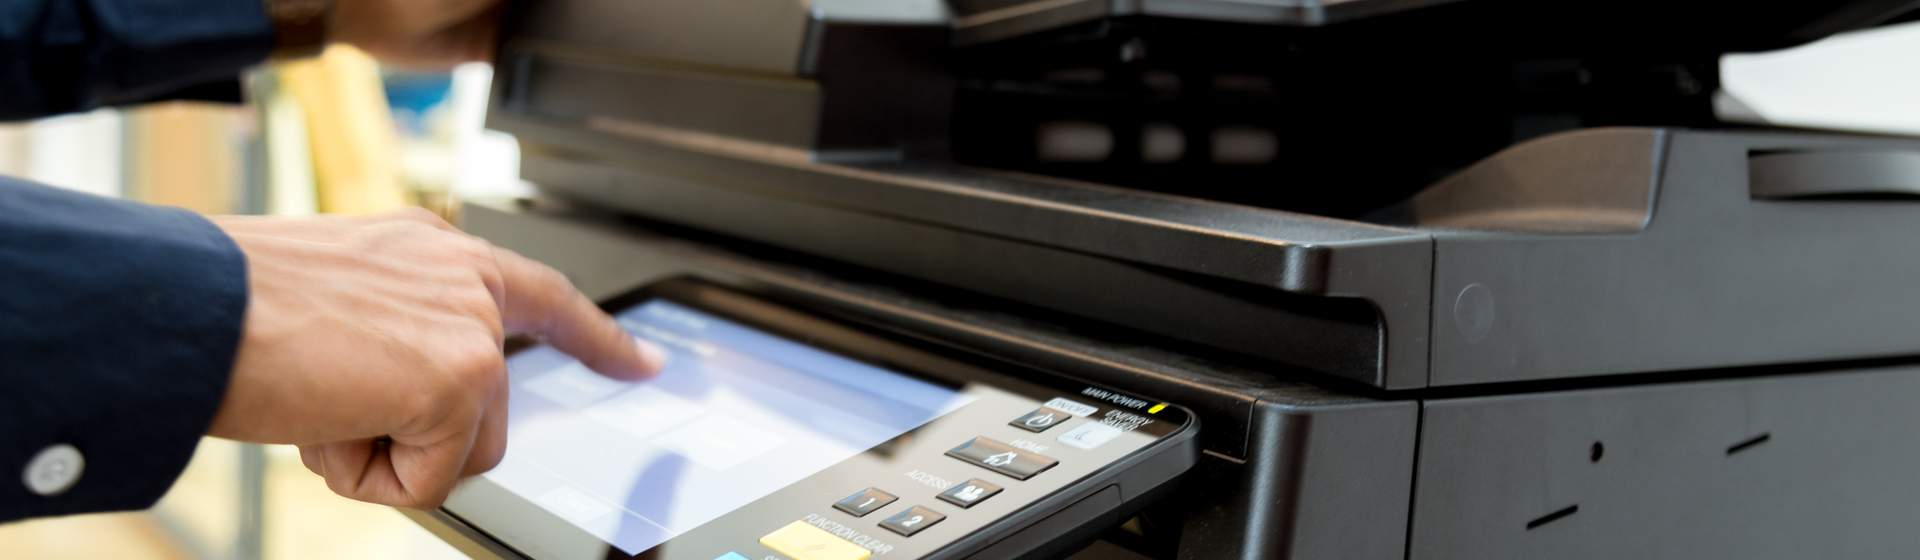 Impressora: aprenda como usar e conheça os melhores modelos